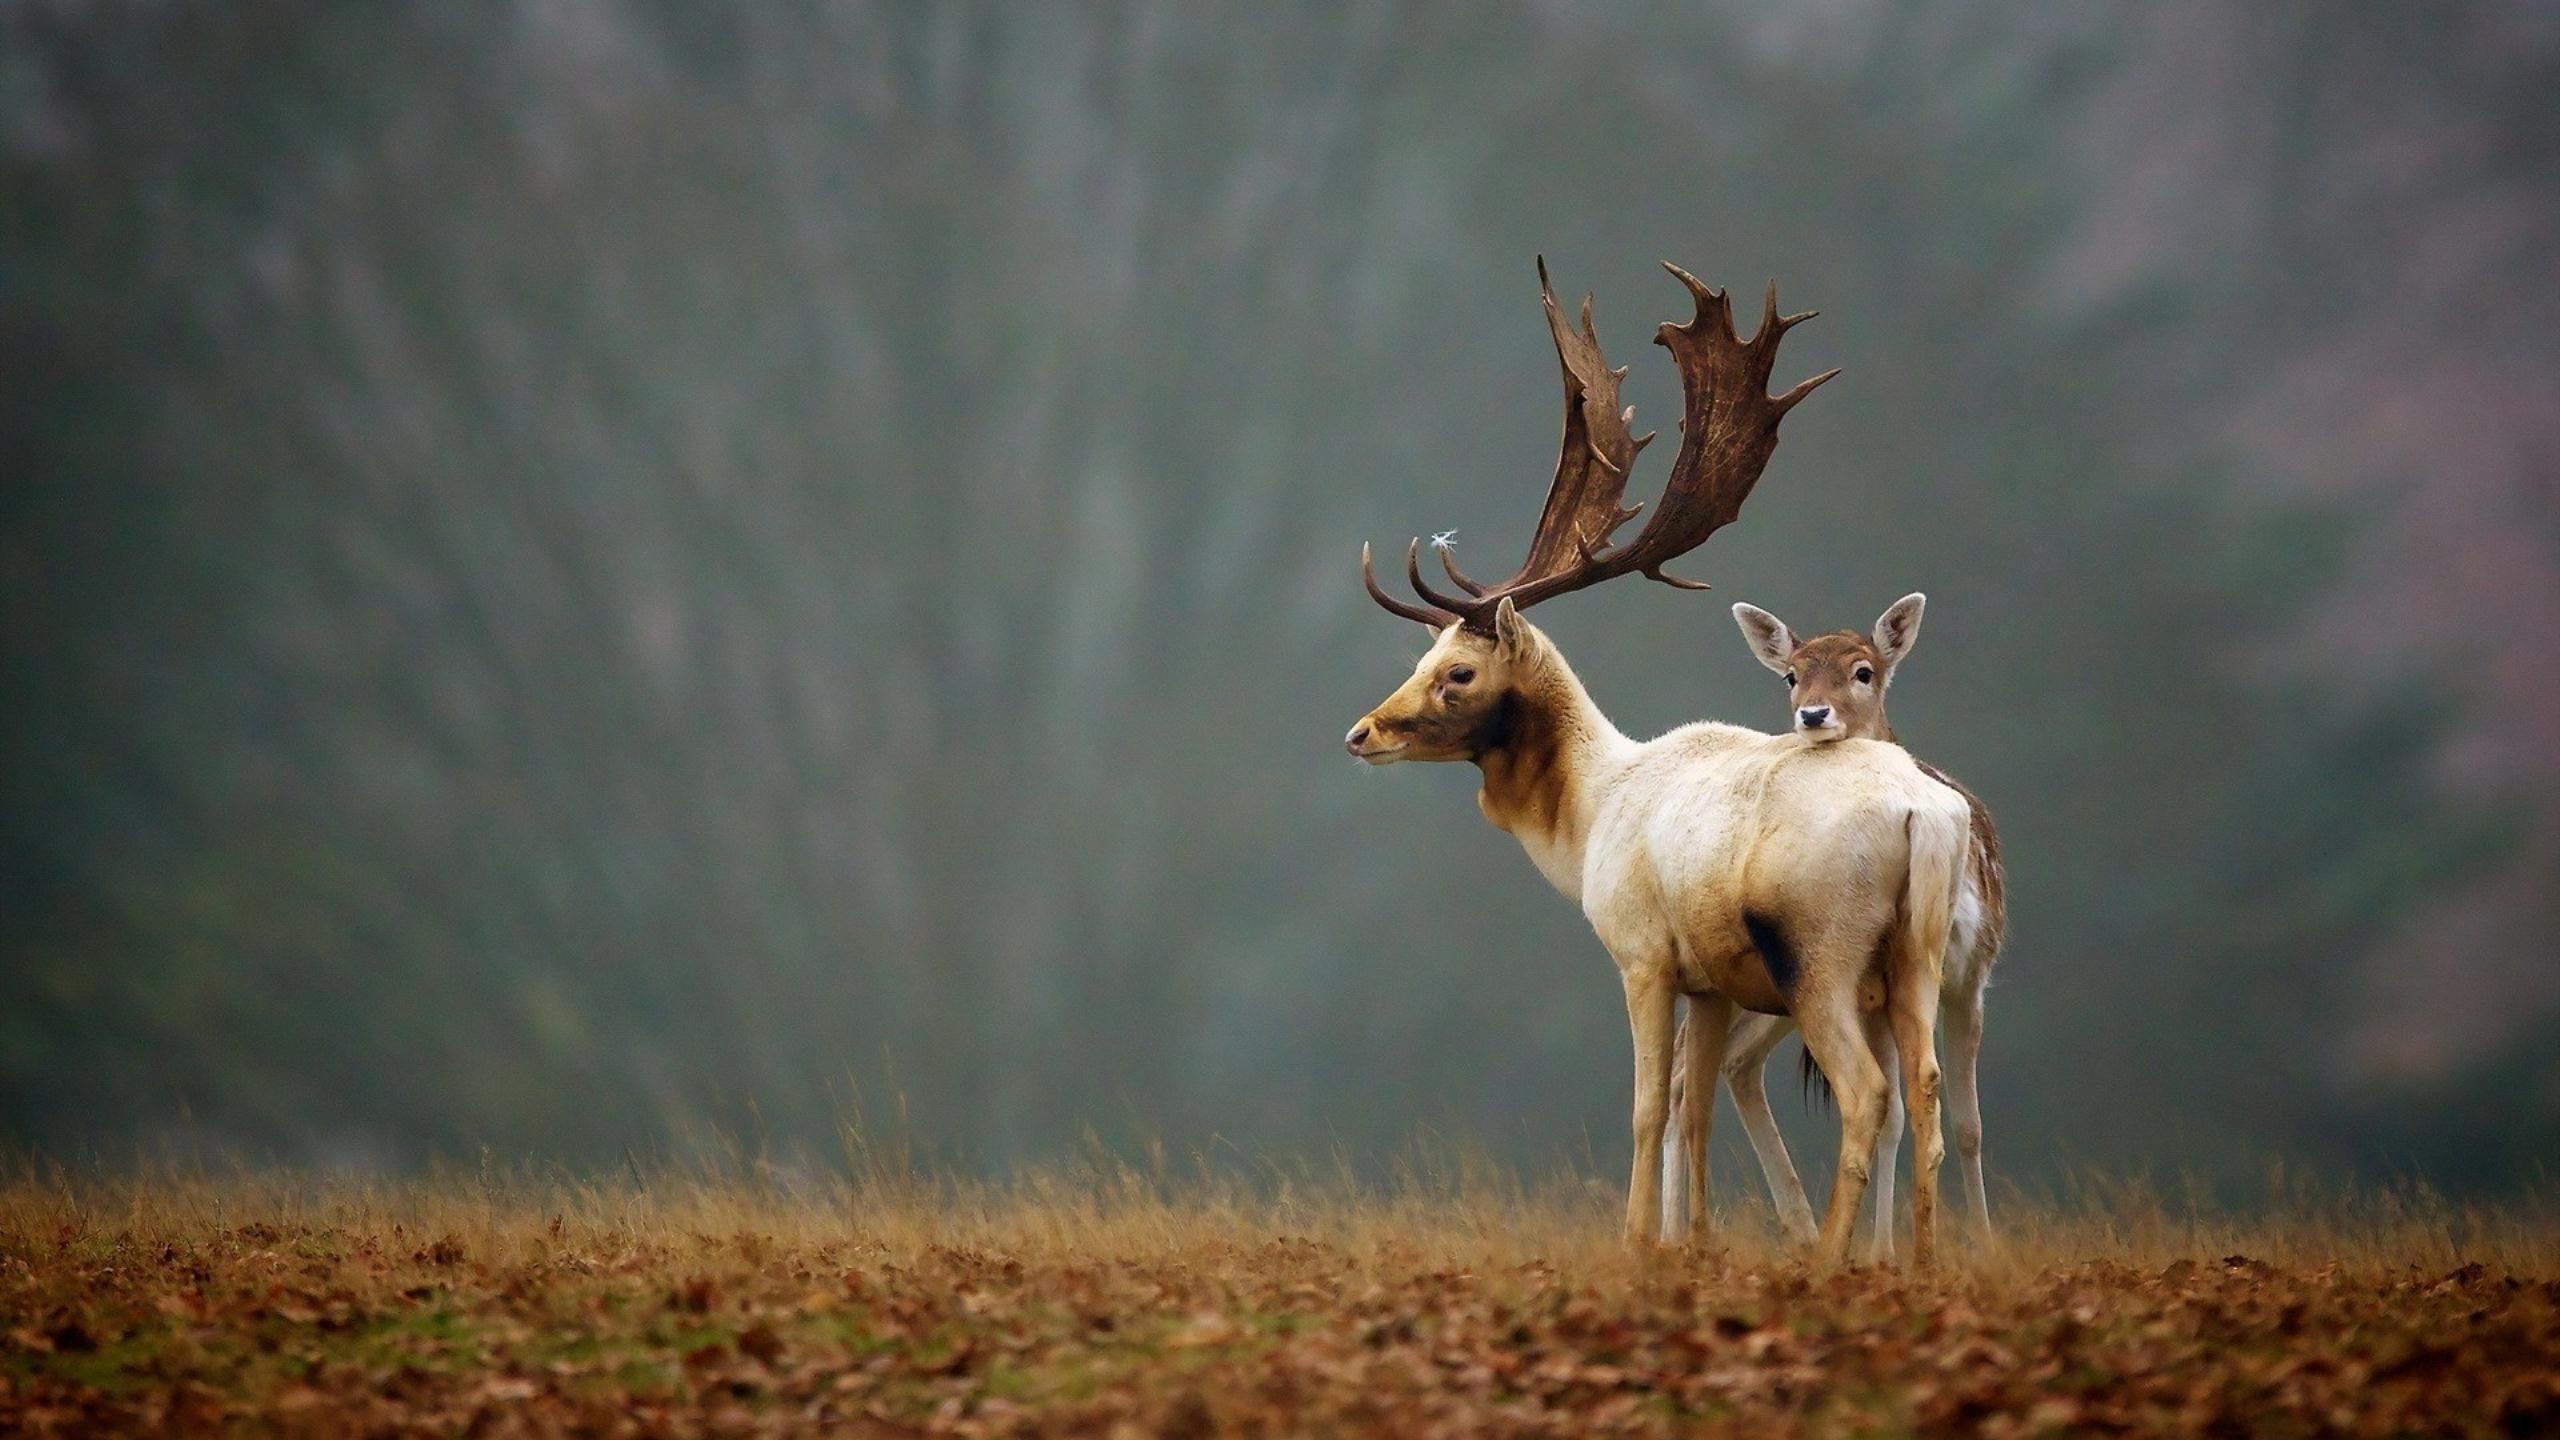 природа животные олени nature animals deer бесплатно